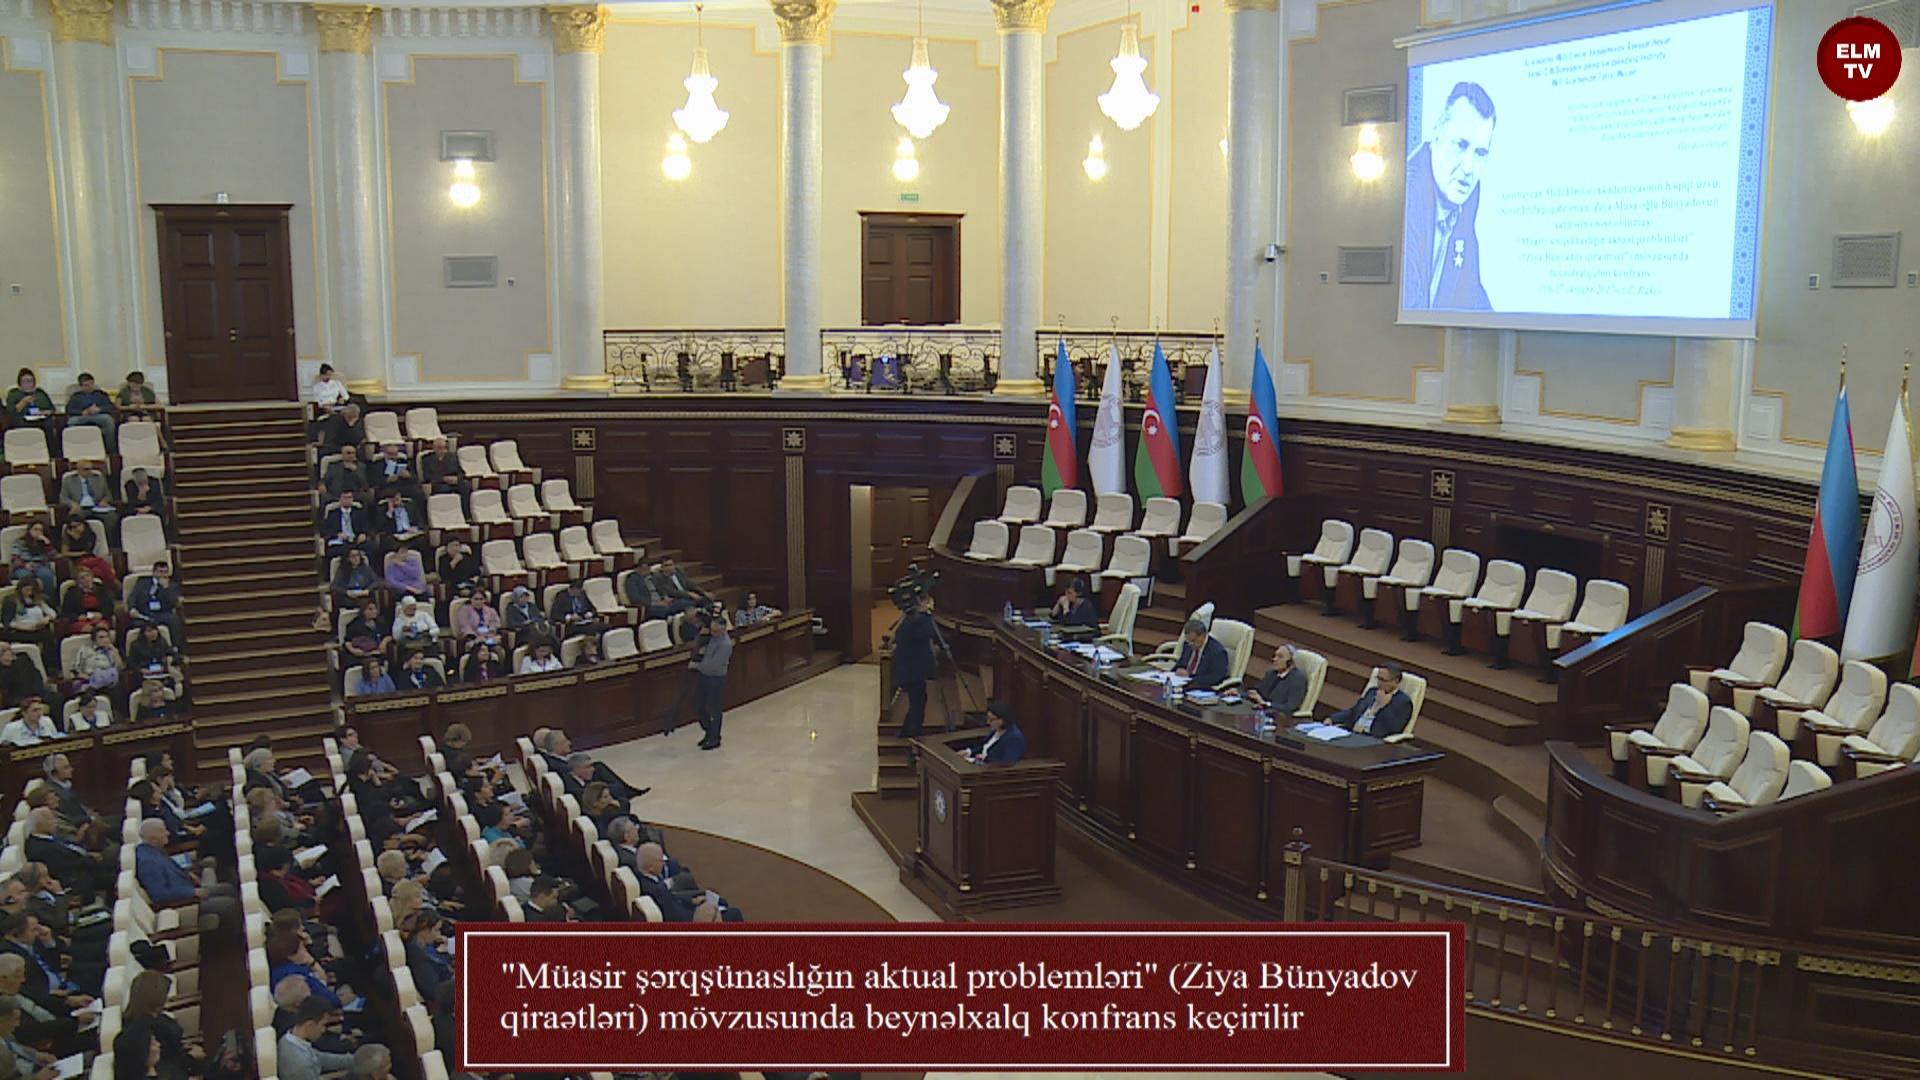 Müasir şərqşünaslığın aktual problemləri (Ziya Bünyadov qiraətləri) mövzusunda beynəlxalq konfrans keçirilir